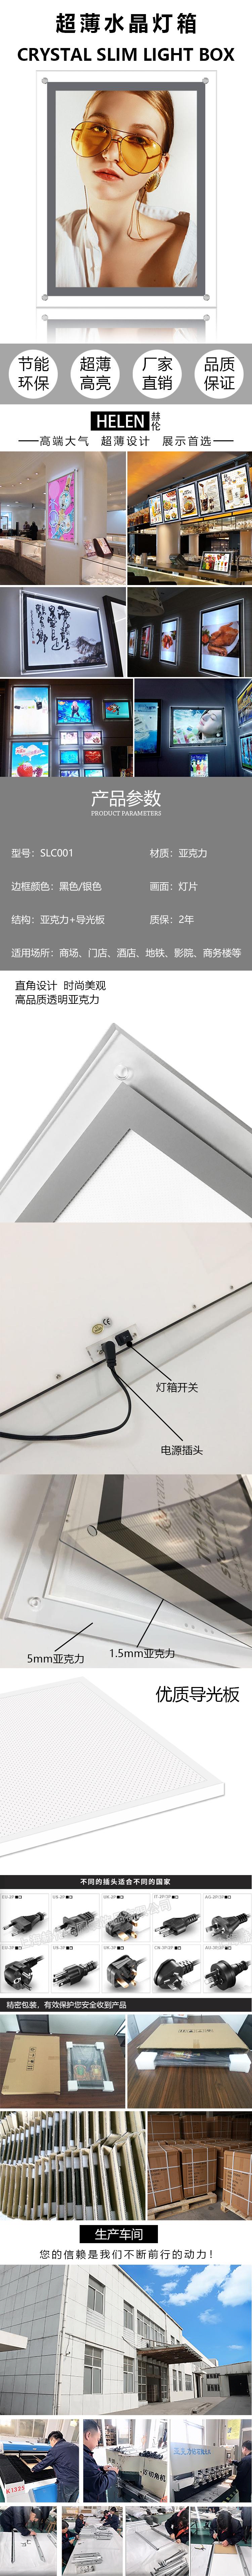 SLC001中文